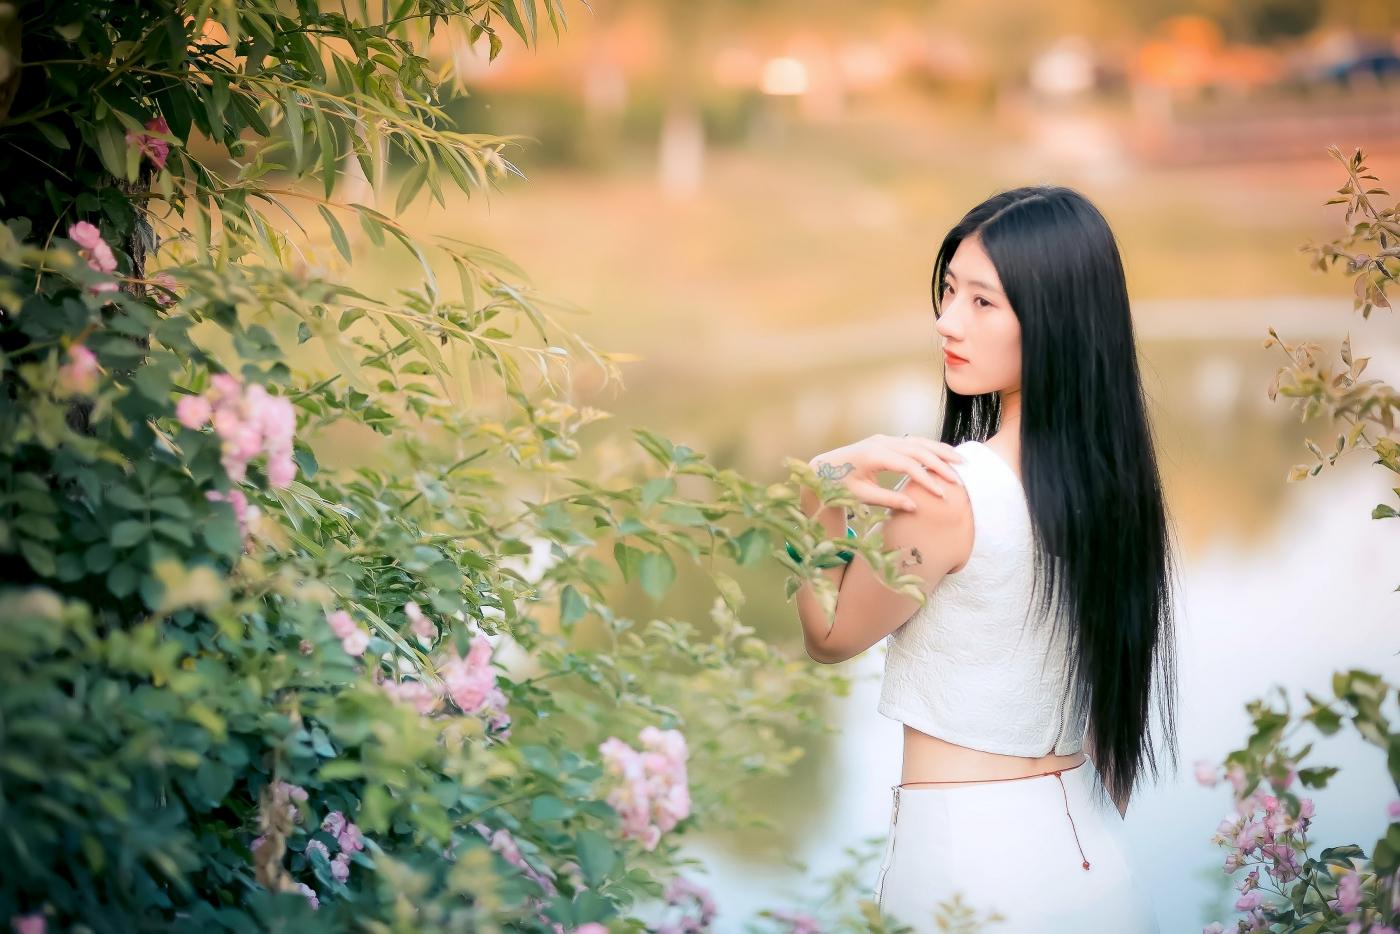 临沂大学有这么一道美丽的蔷薇长廊 当蔷薇MM王璐在她面前走过 ..._图1-18